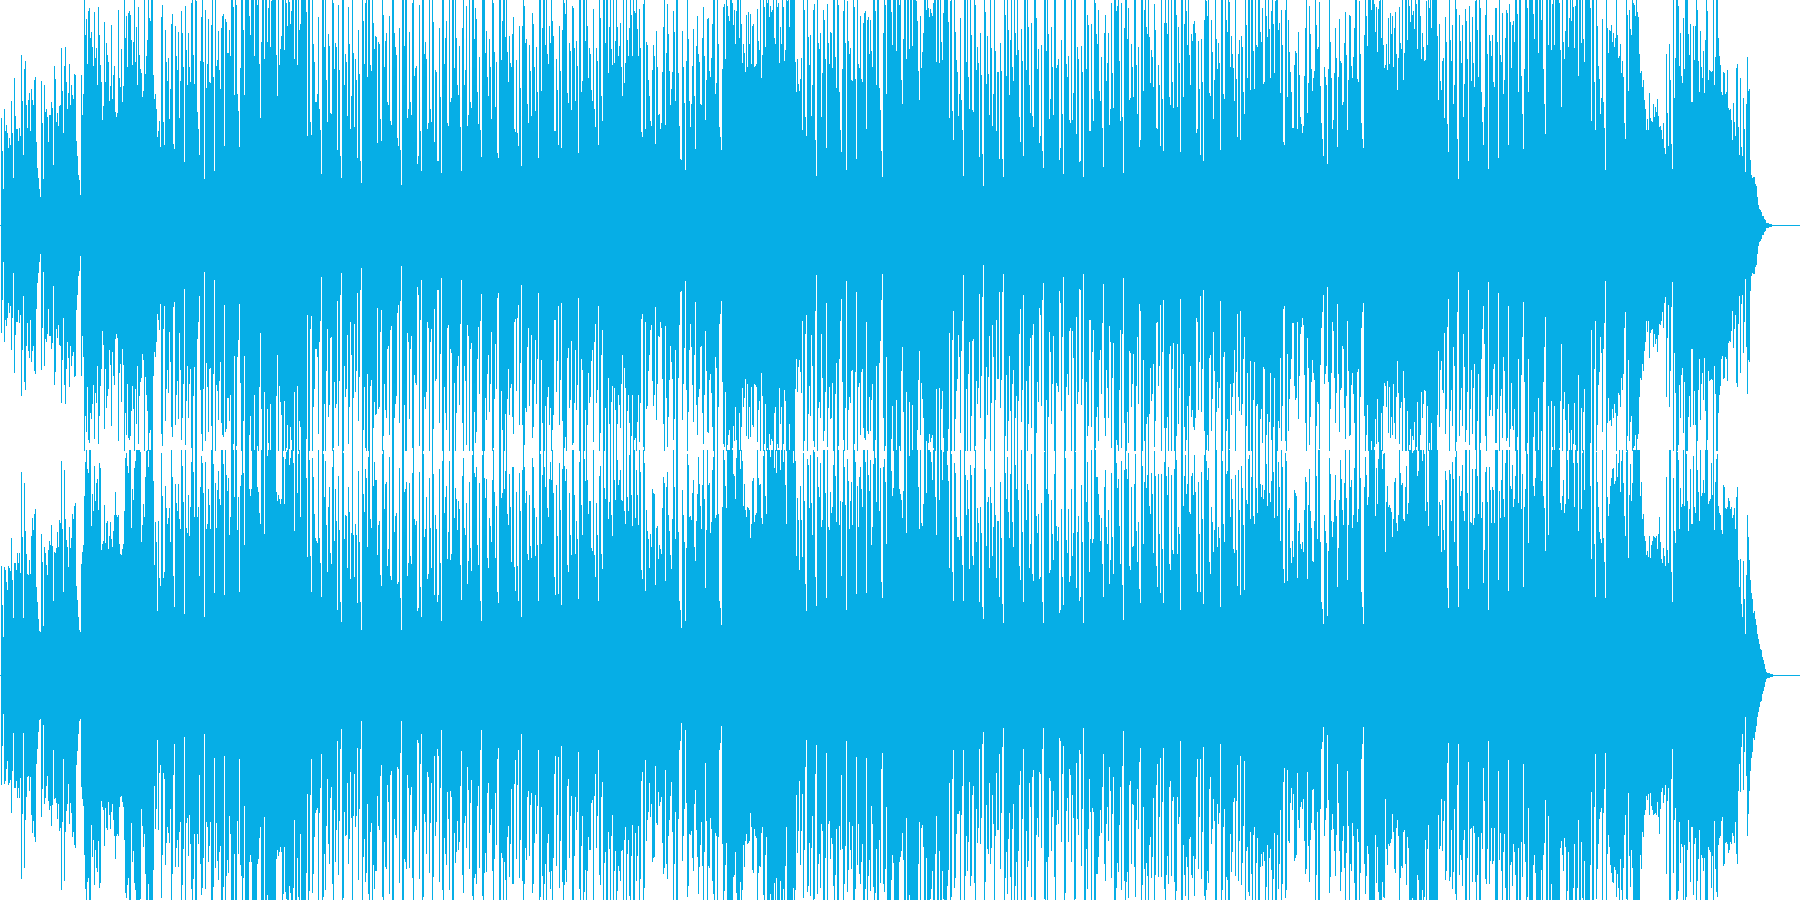 フレンチ/ワルツ/楽しい/軽快/賑やかの再生済みの波形